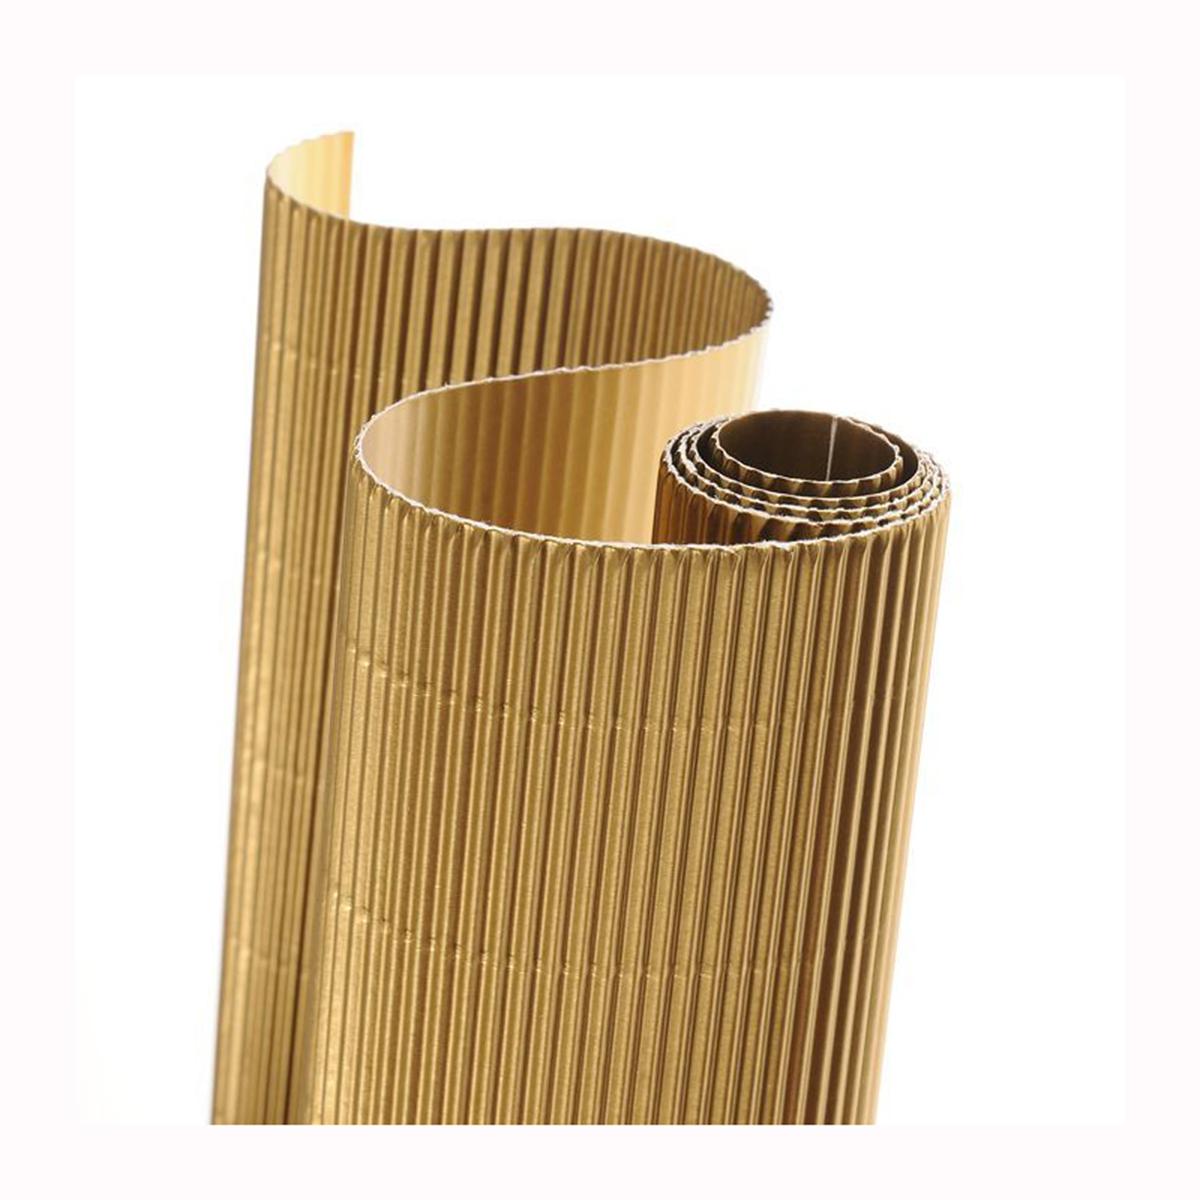 Картон гофрированный Folia, цвет: золото, 50 х 70 см. 77108897710889_65 золото